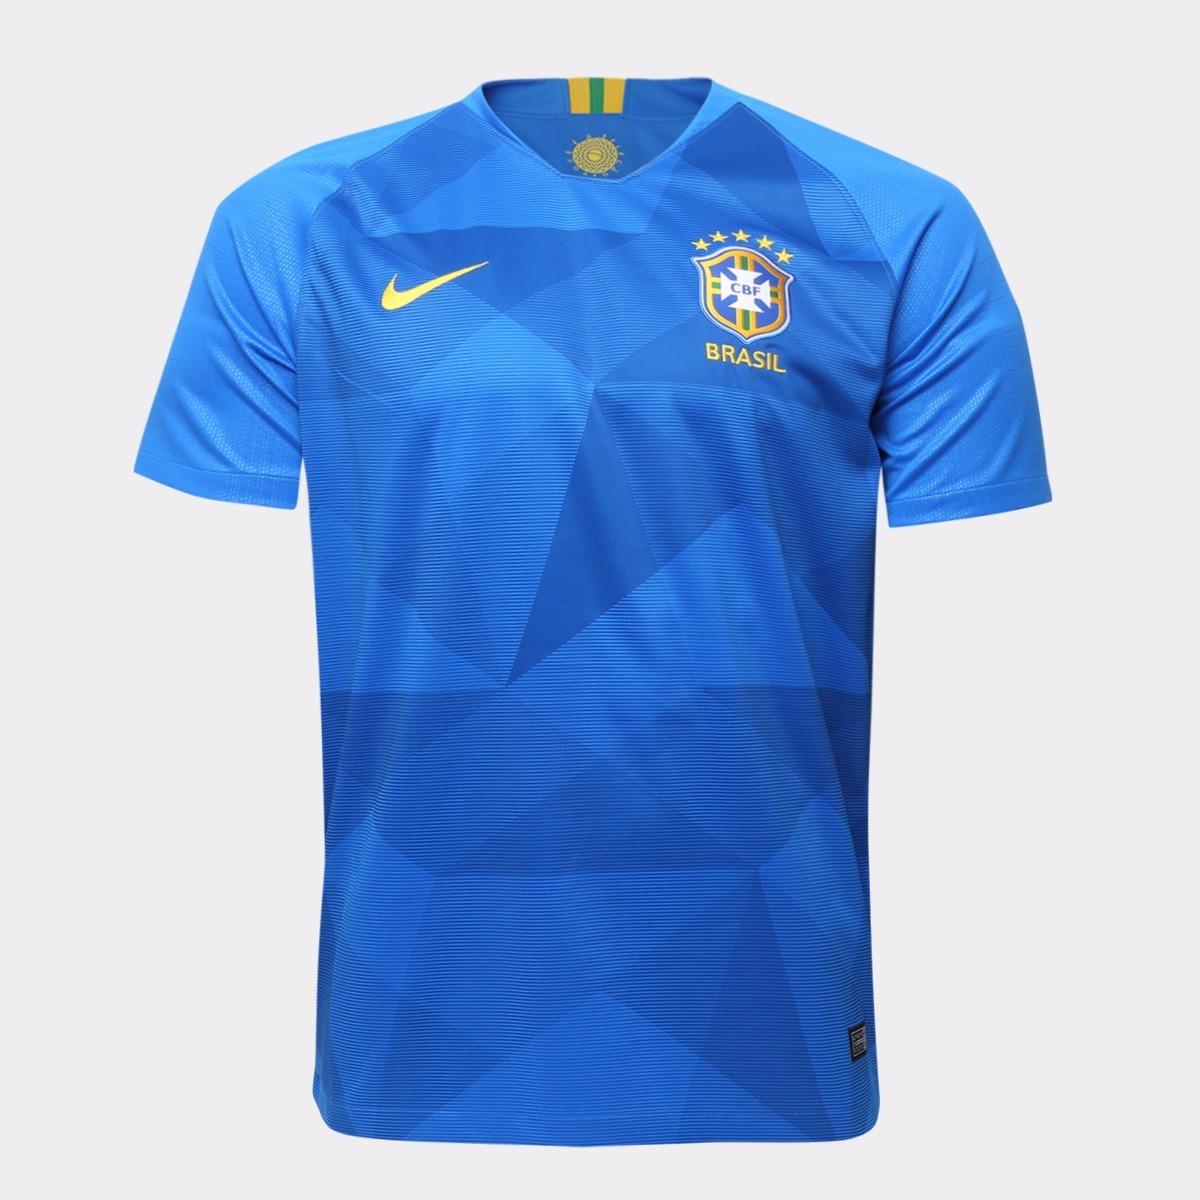 ad61dfaf0 camisa seleção brasileira nike 2018 masculina. Carregando zoom.